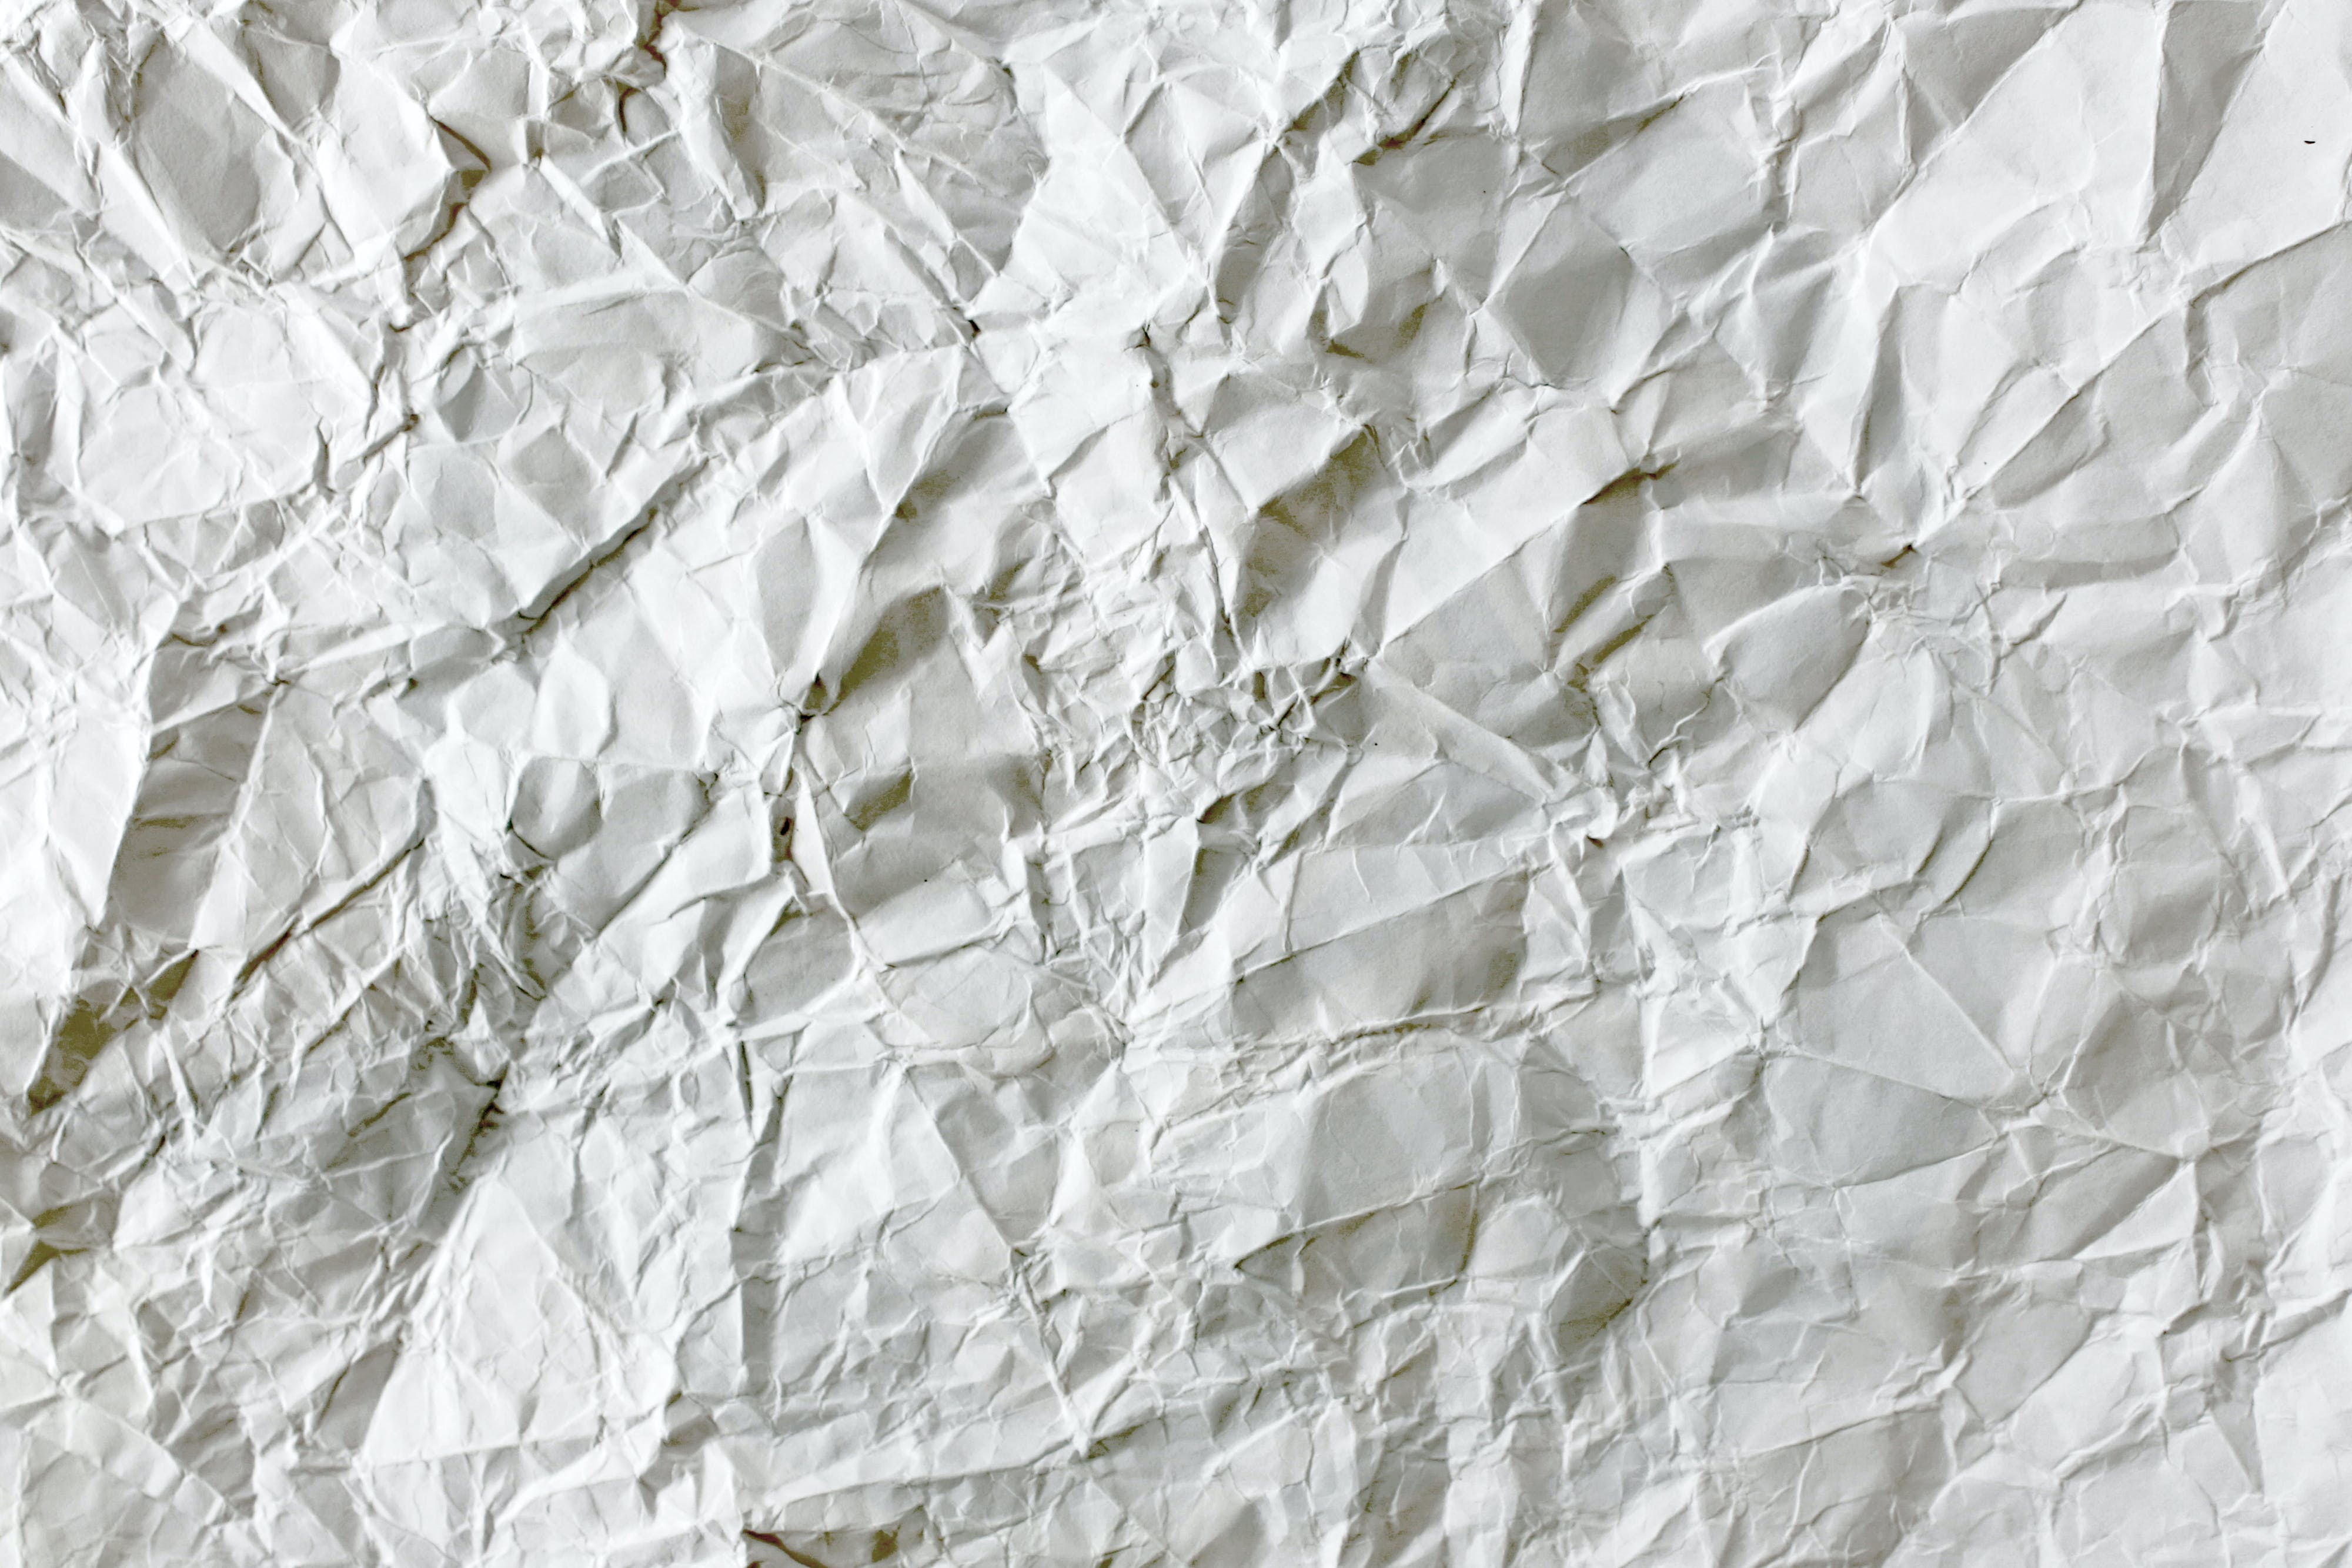 Kostenloses Stock Foto zu beschädigt, blatt, leer, material